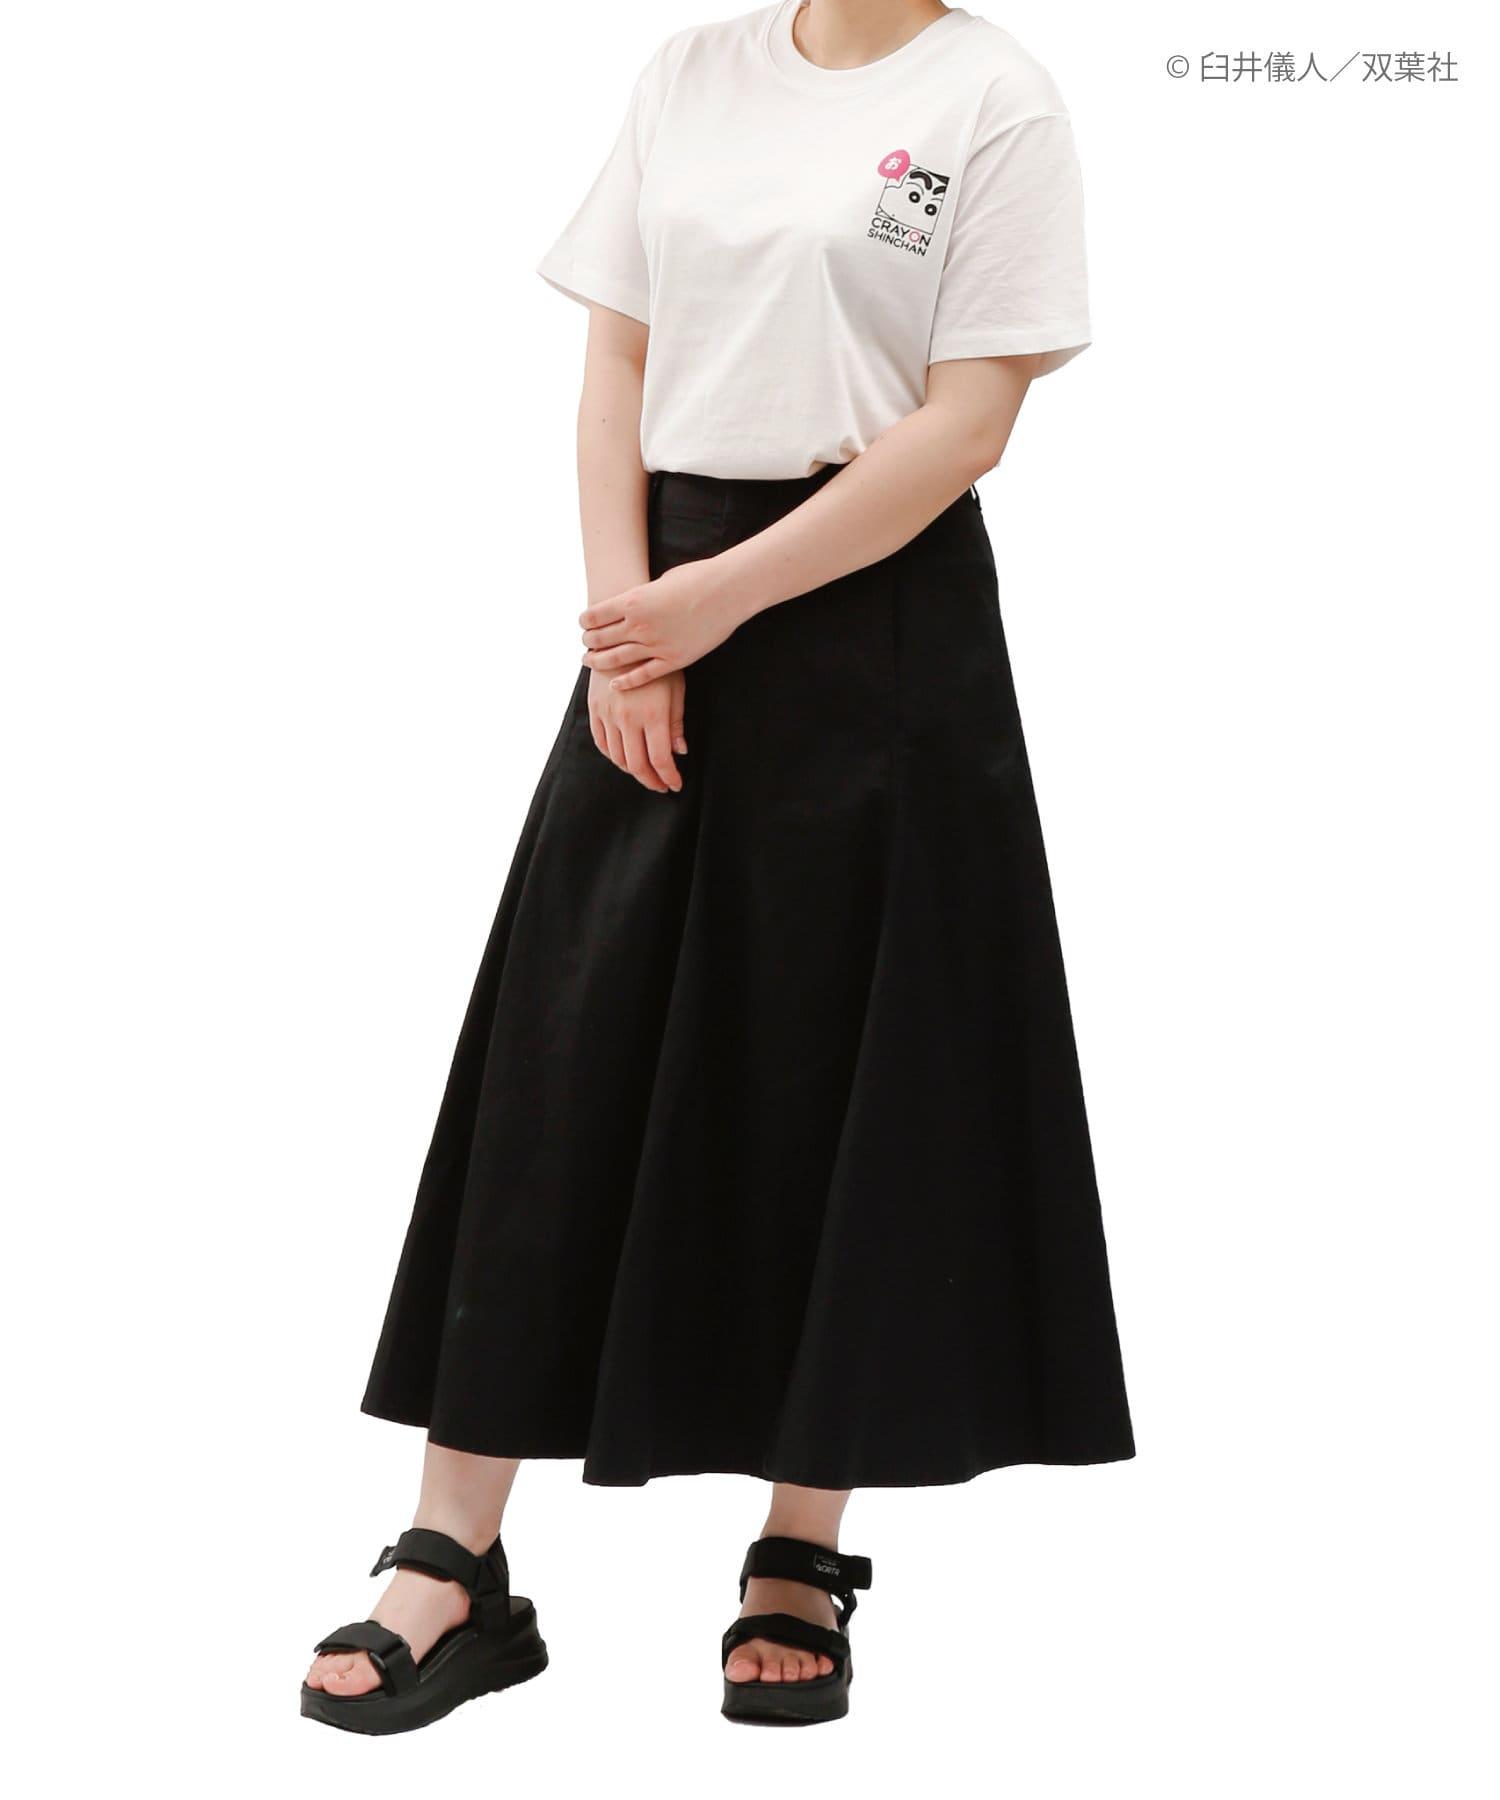 3COINS(スリーコインズ) 【ASOKO】【クレヨンしんちゃん】Tシャツ(フリーサイズ)